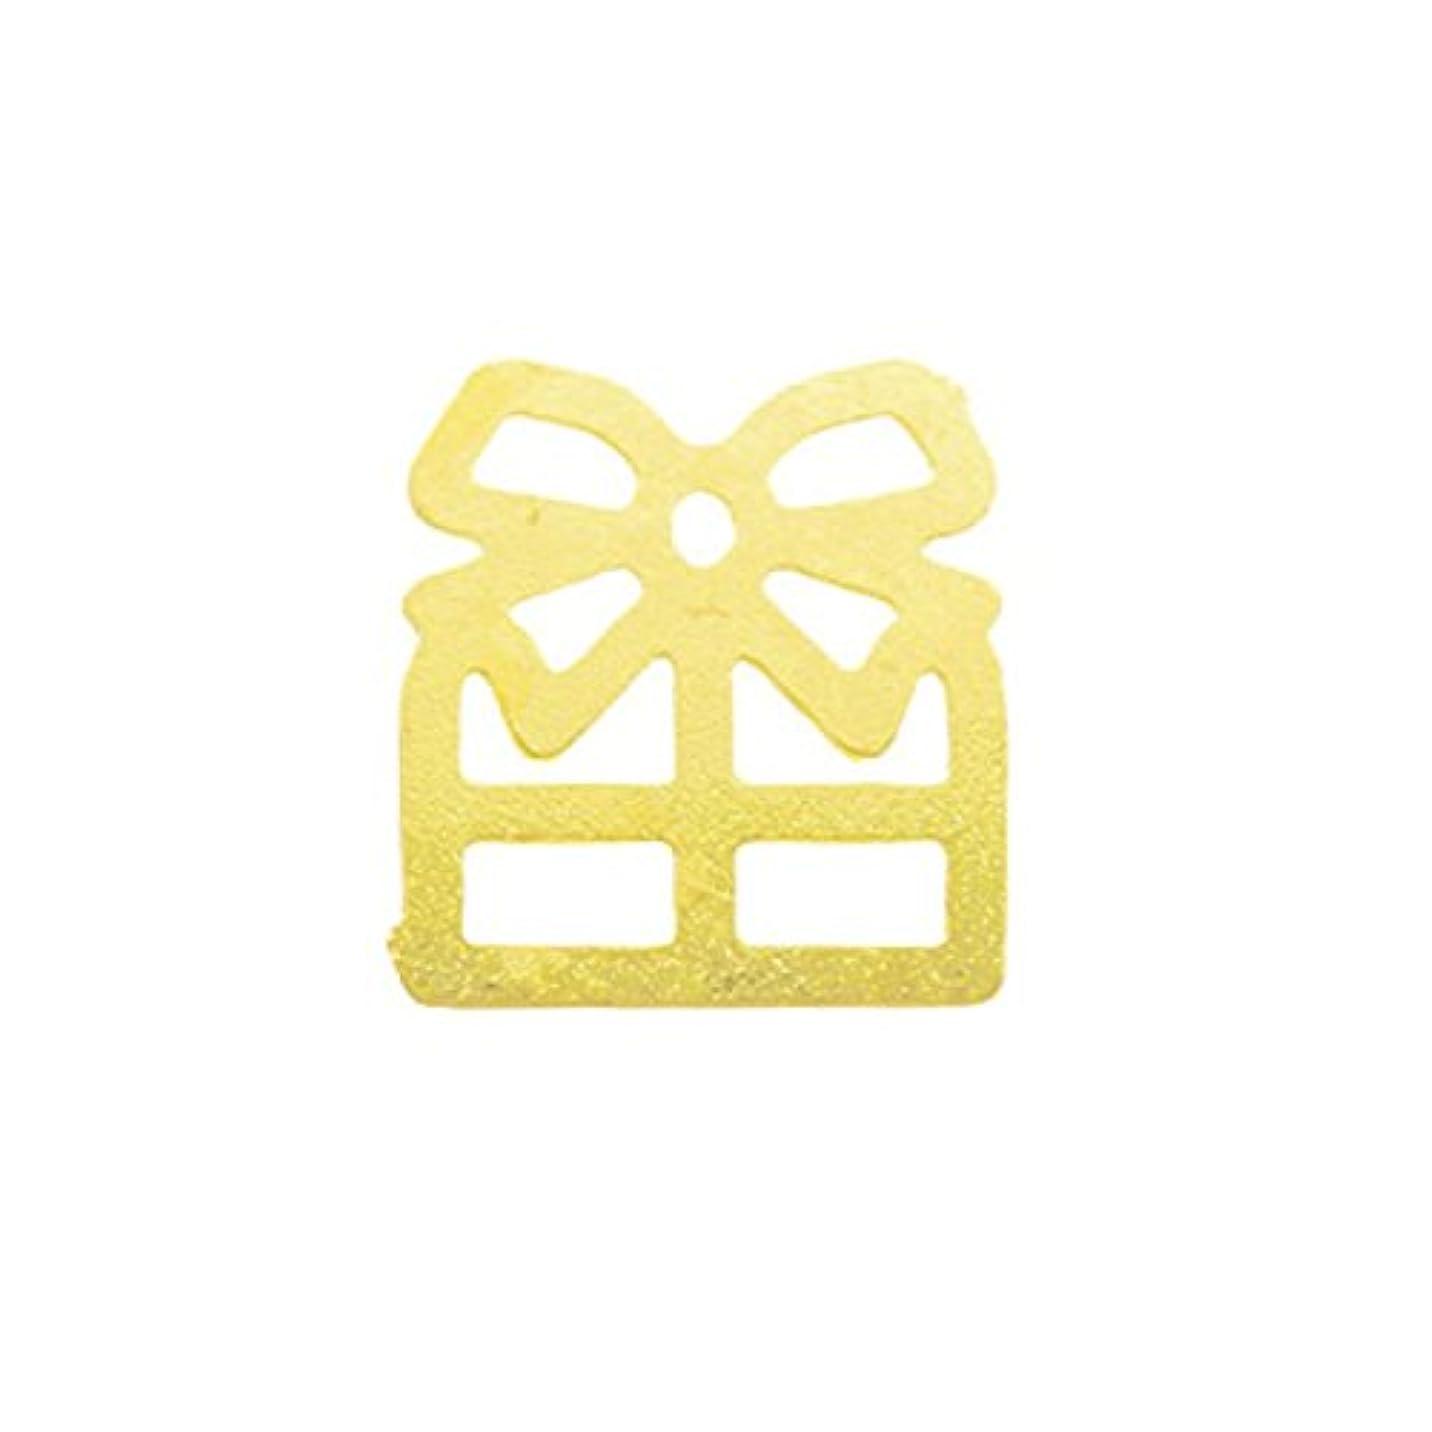 上げる酸度エコーメタルプレート(ネイルストーン デコ) プレゼント ゴールド (30個入り)(ネイル用品)